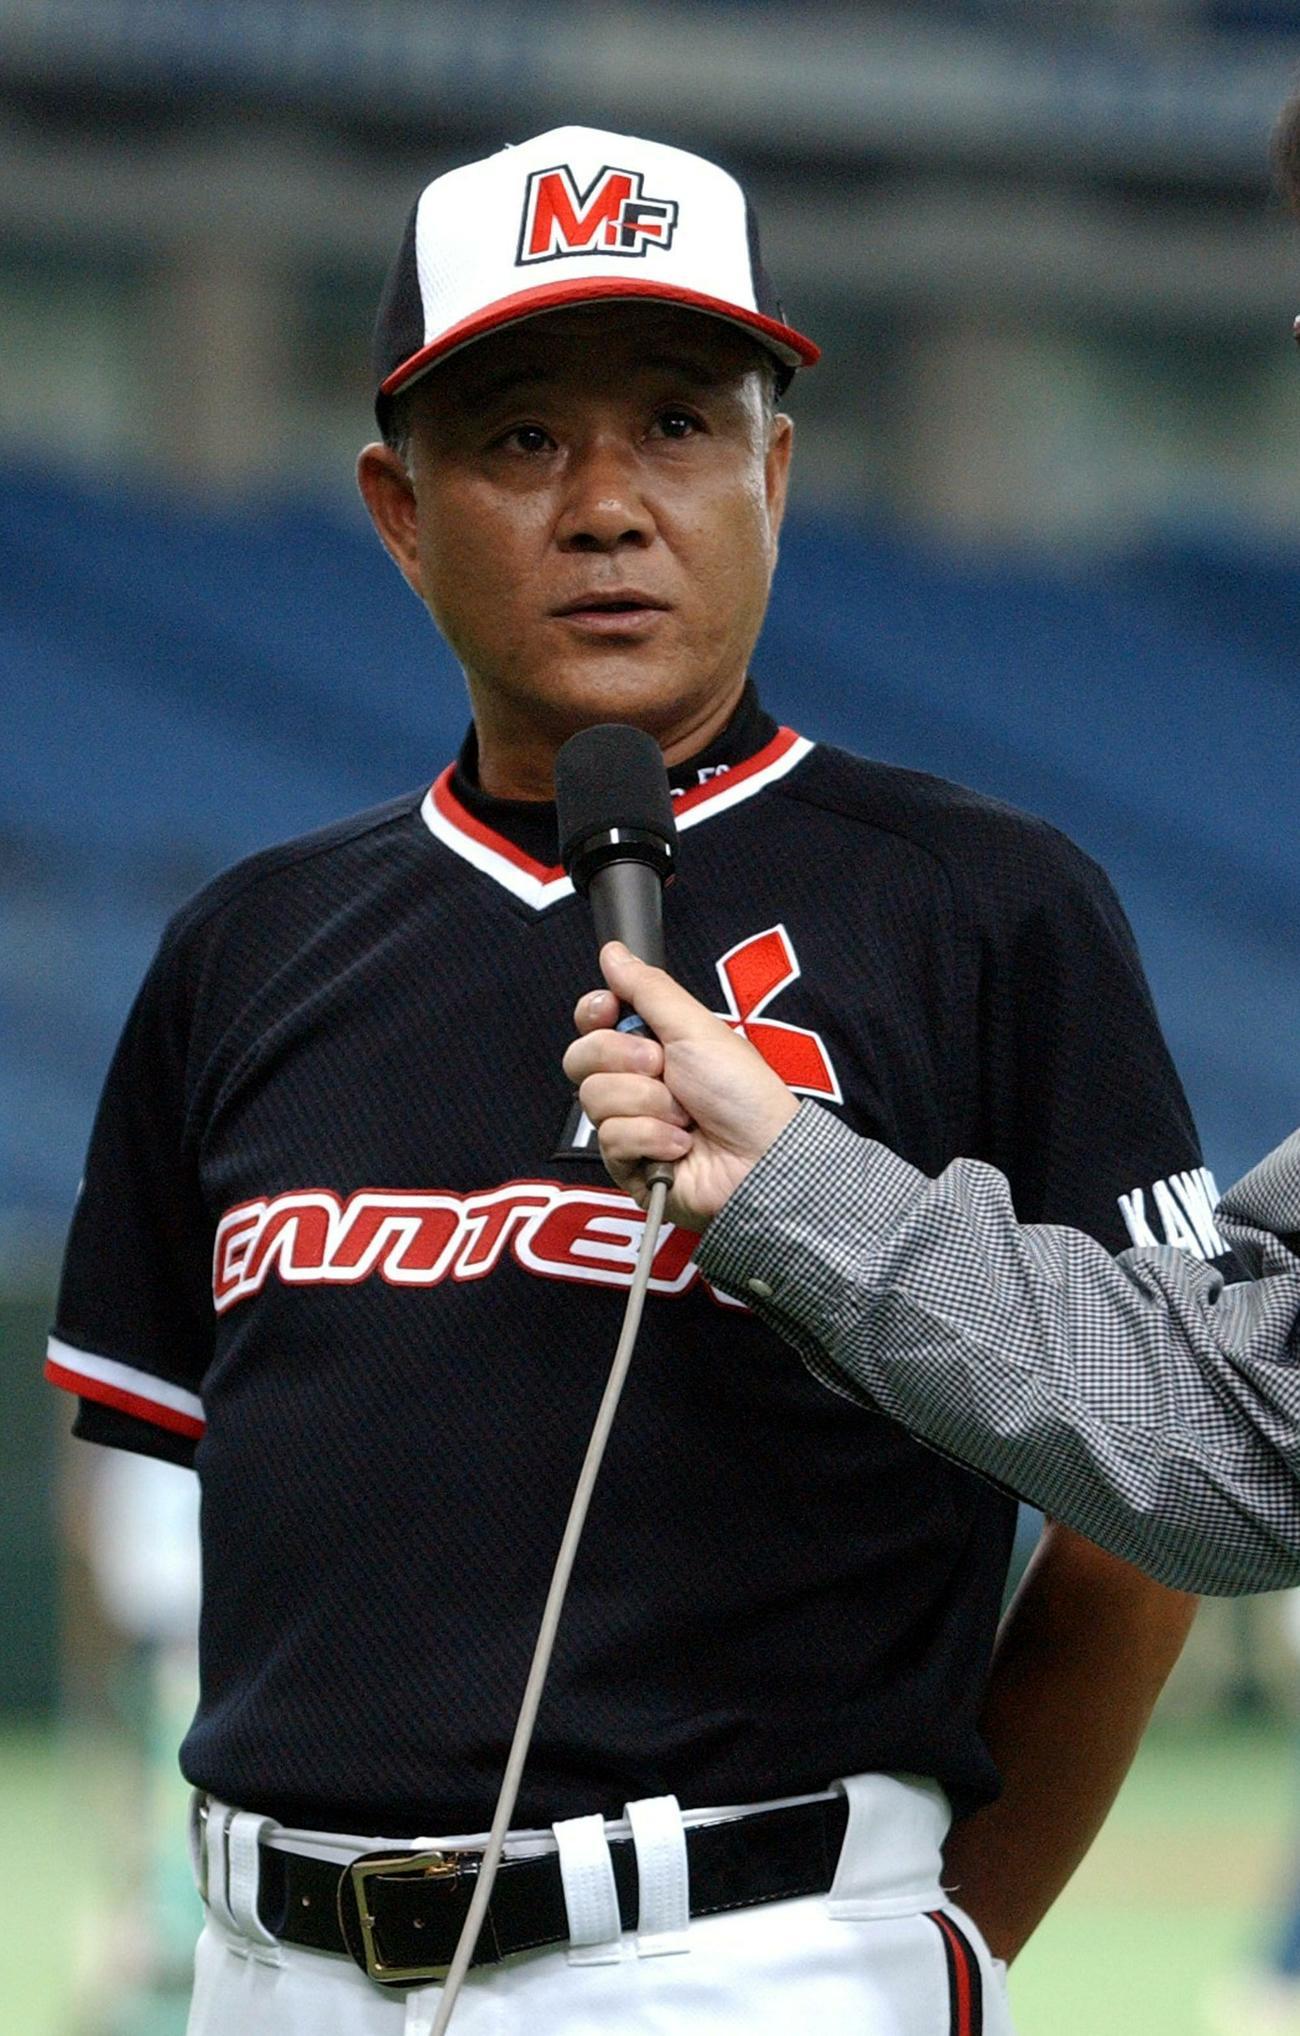 垣野多鶴氏(写真は三菱ふそう監督時代の03年8月28日撮影)